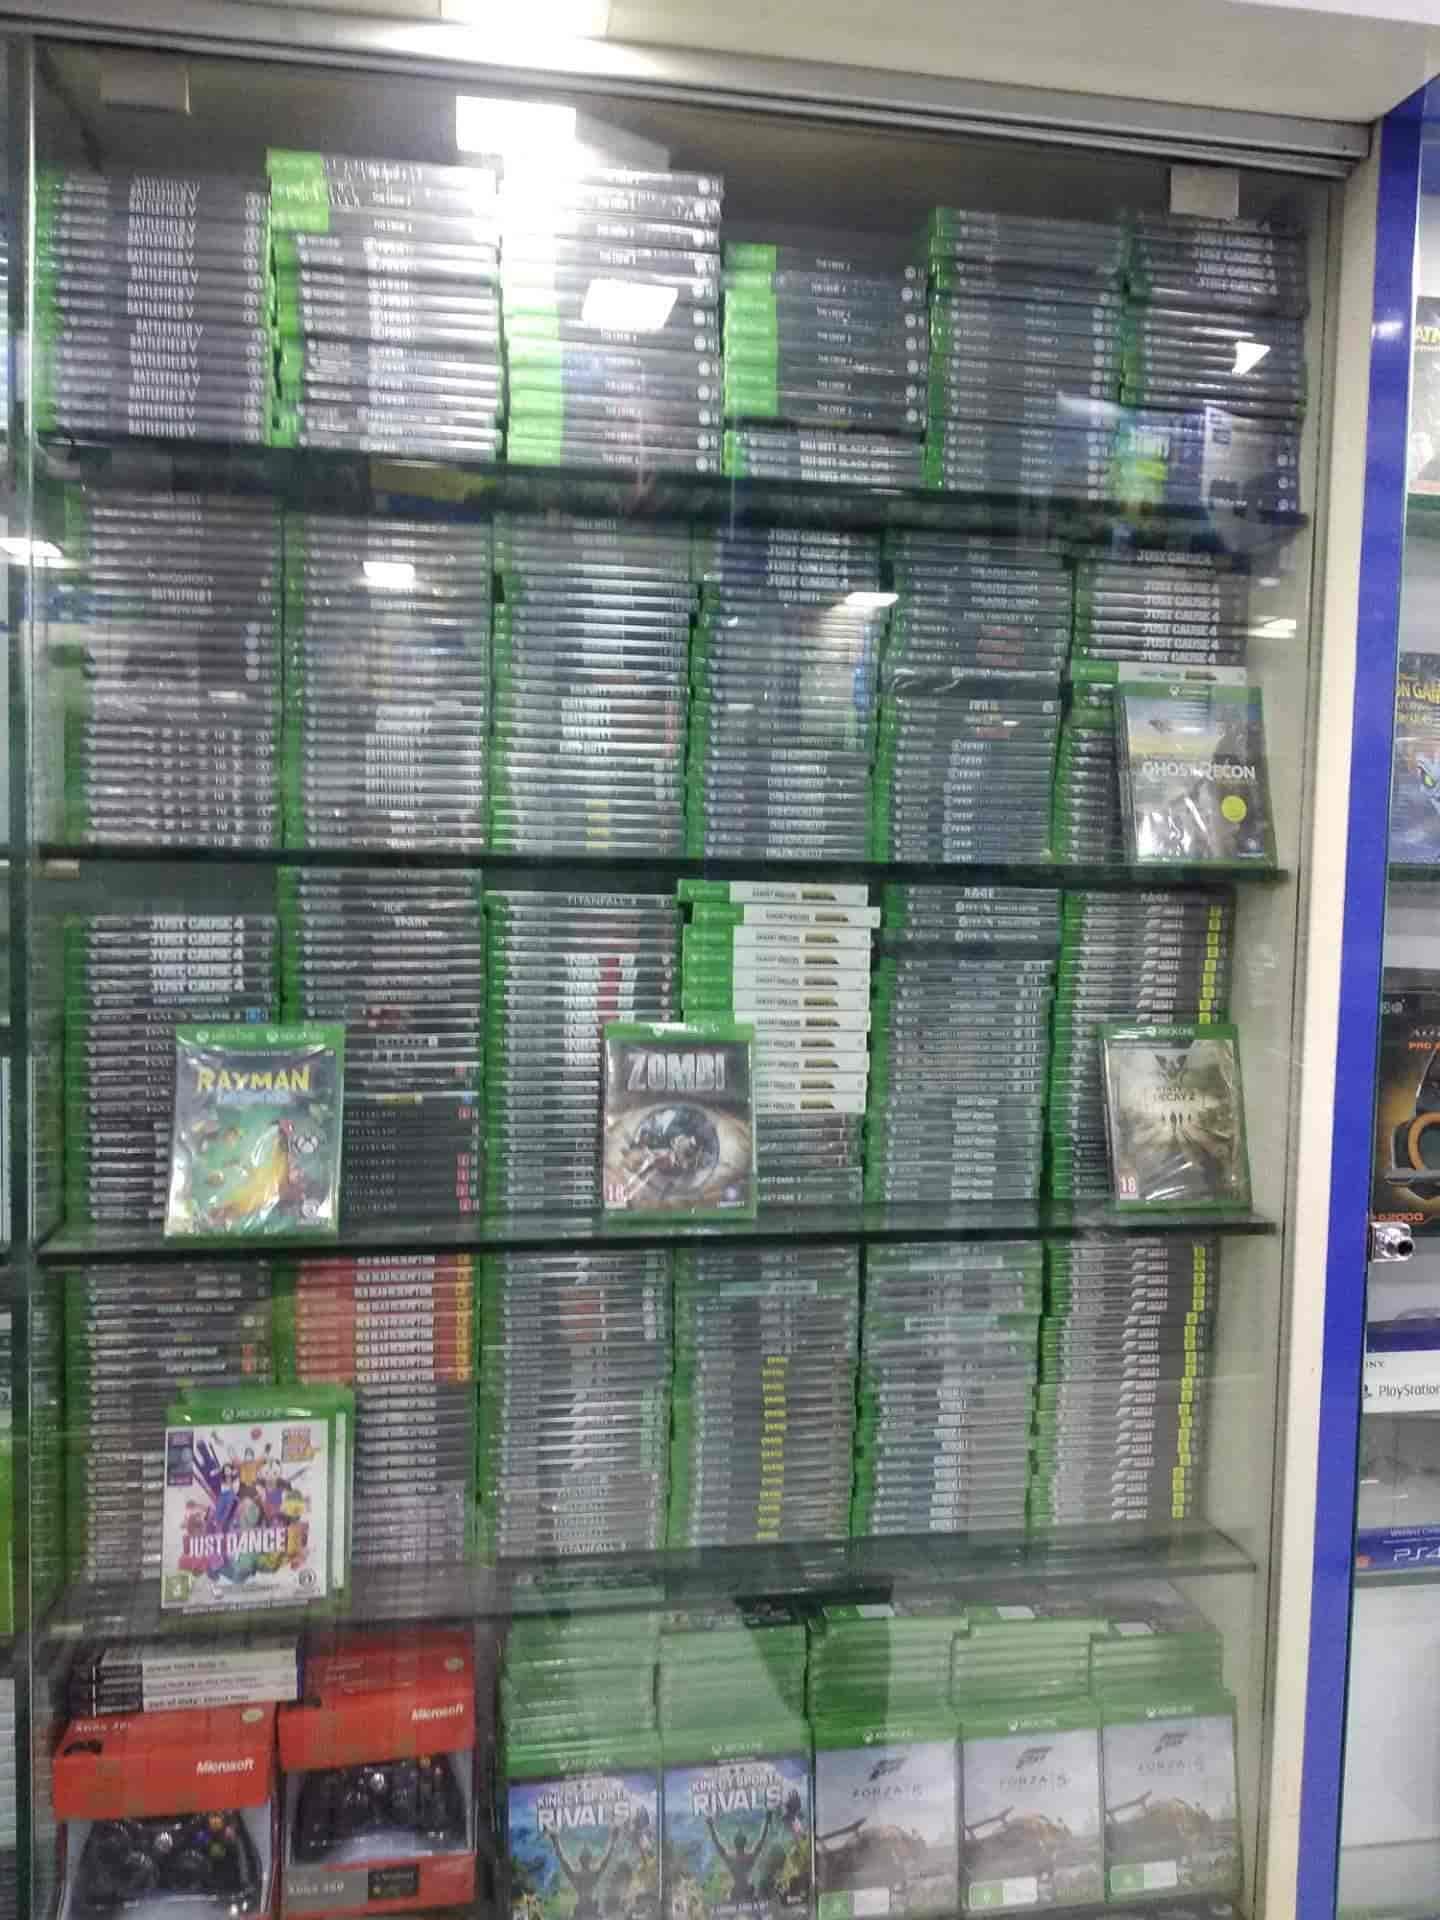 Ninja Games, Masjid Bunder - Game Dealers in Mumbai - Justdial